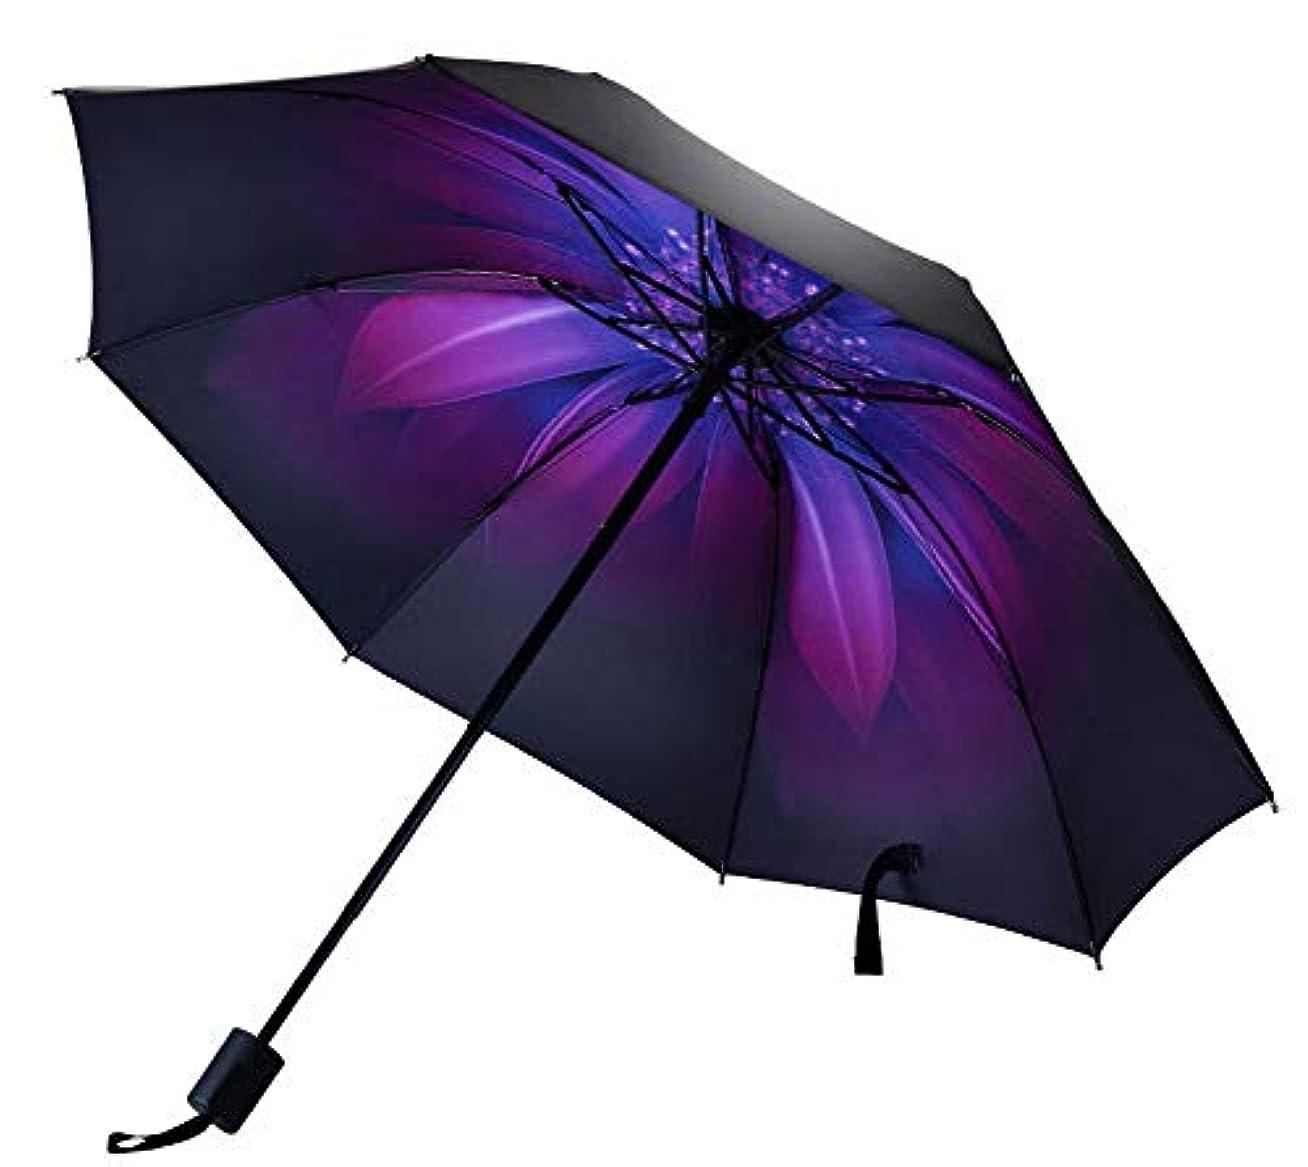 ロッジブリッジ灰ポータブル折り畳み傘サンプロテクション傘、パープルフラワー